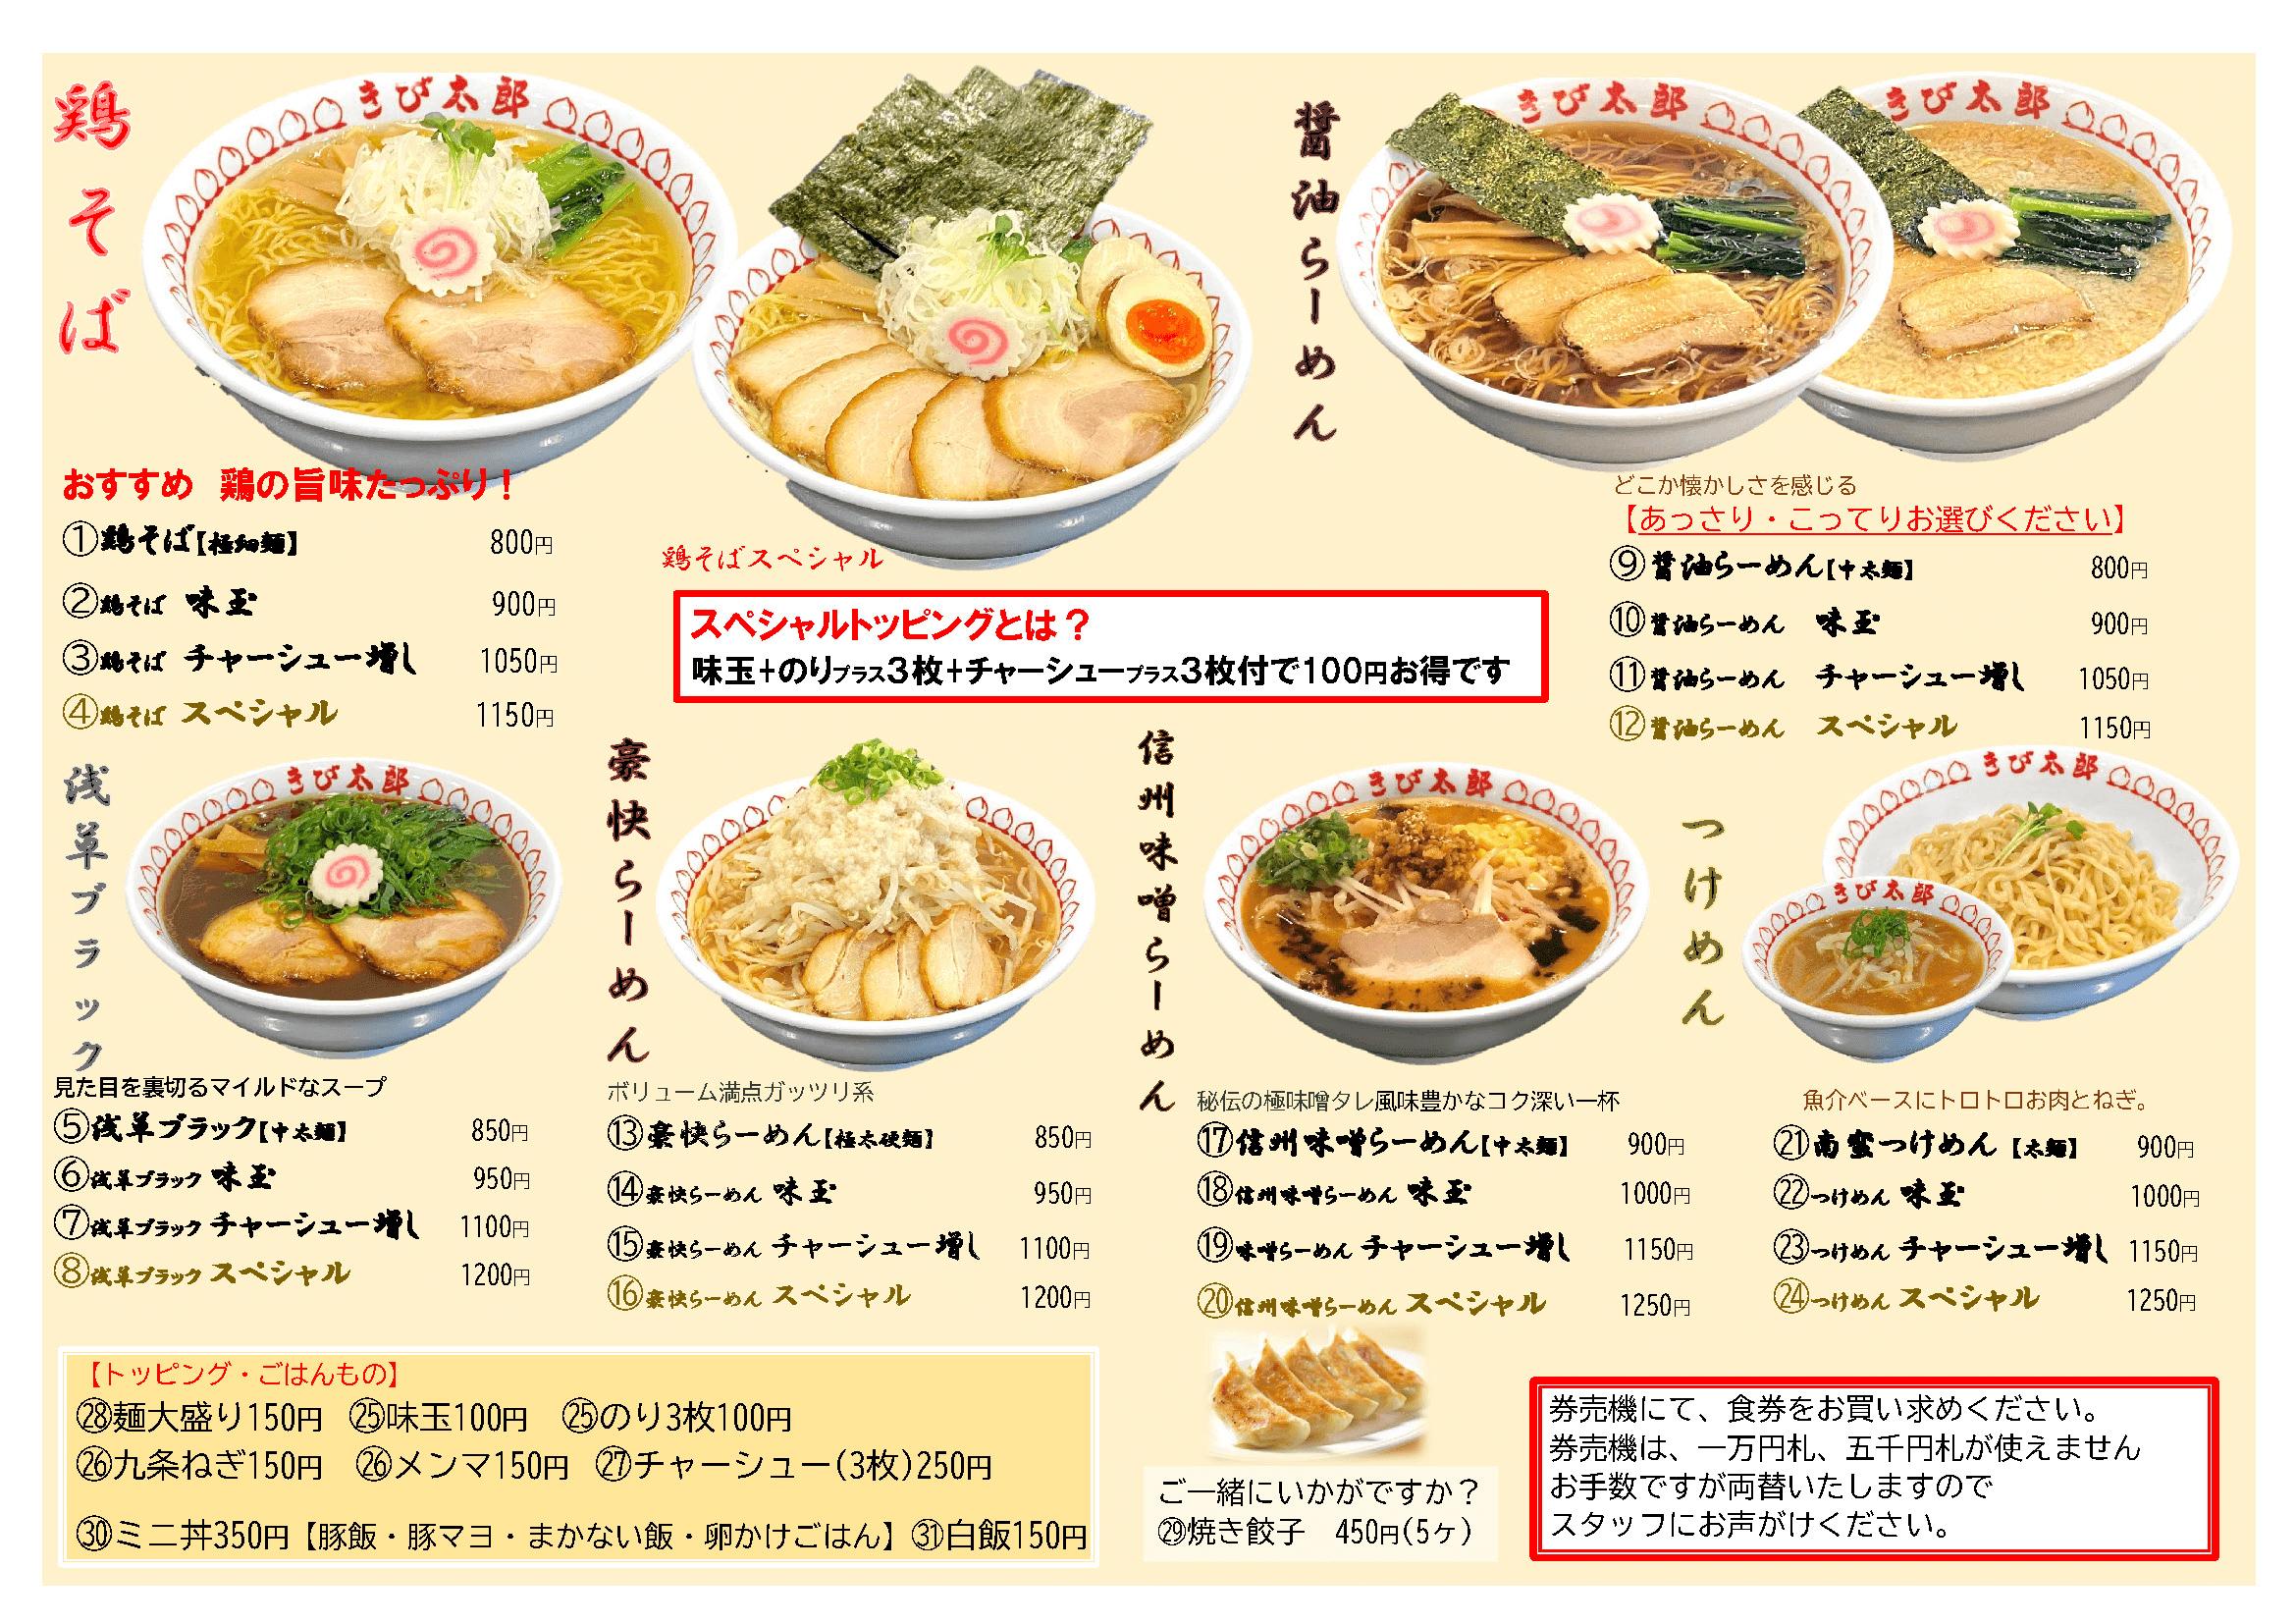 浅草醬油ラーメンきび太郎グランドメニュー2